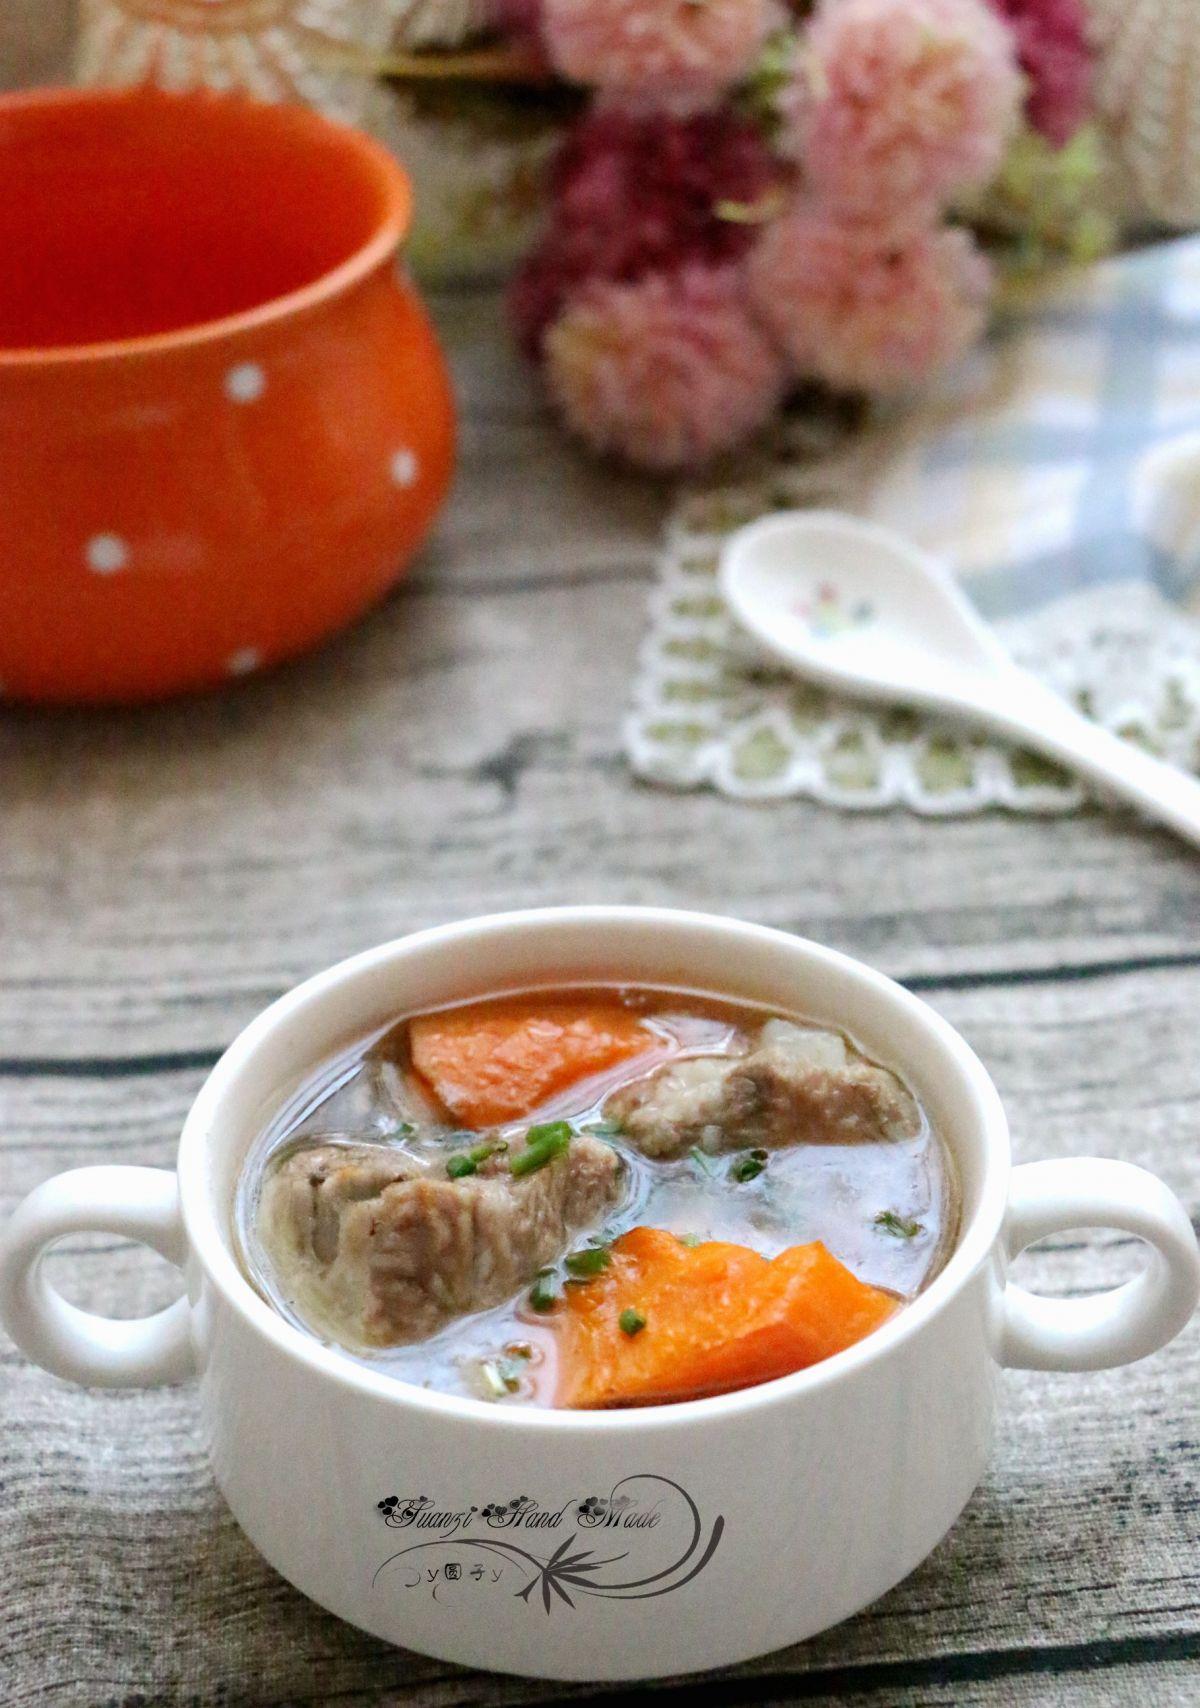 胡萝卜排骨汤的做法 胡萝卜排骨汤怎么做好吃(3)